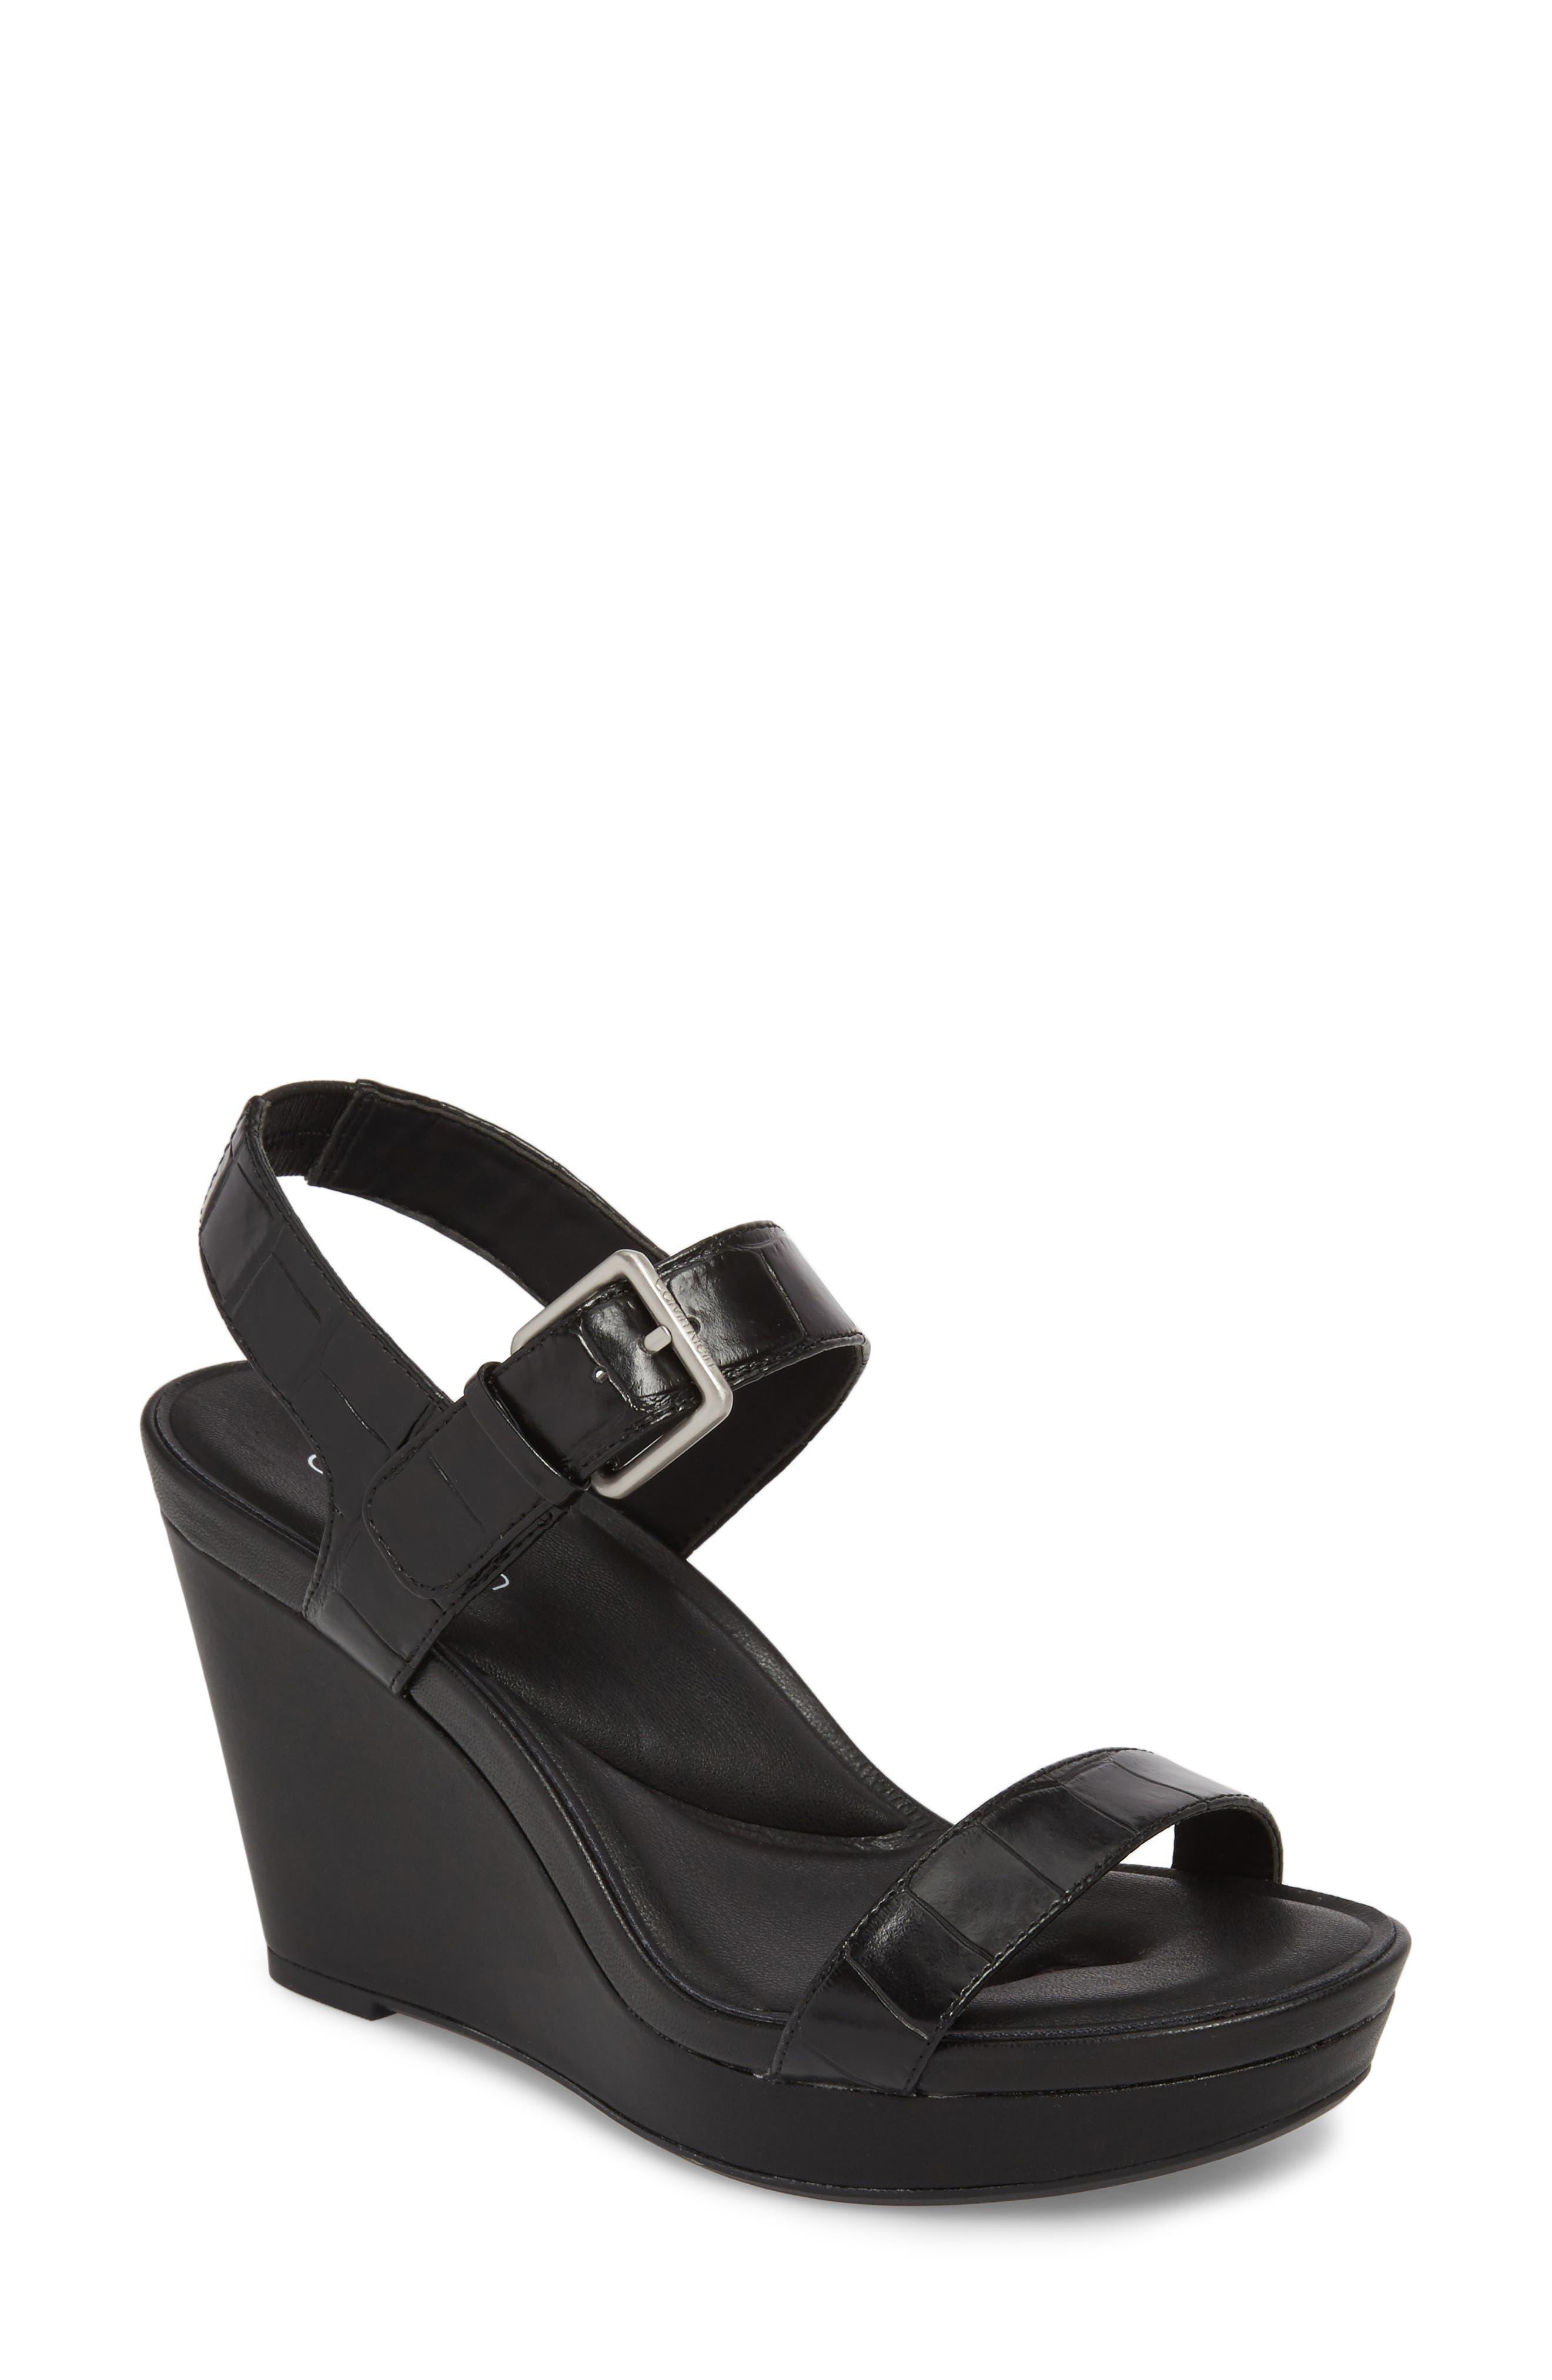 Main Image - Calvin Klein Jacie Wedge Sandal (Women)